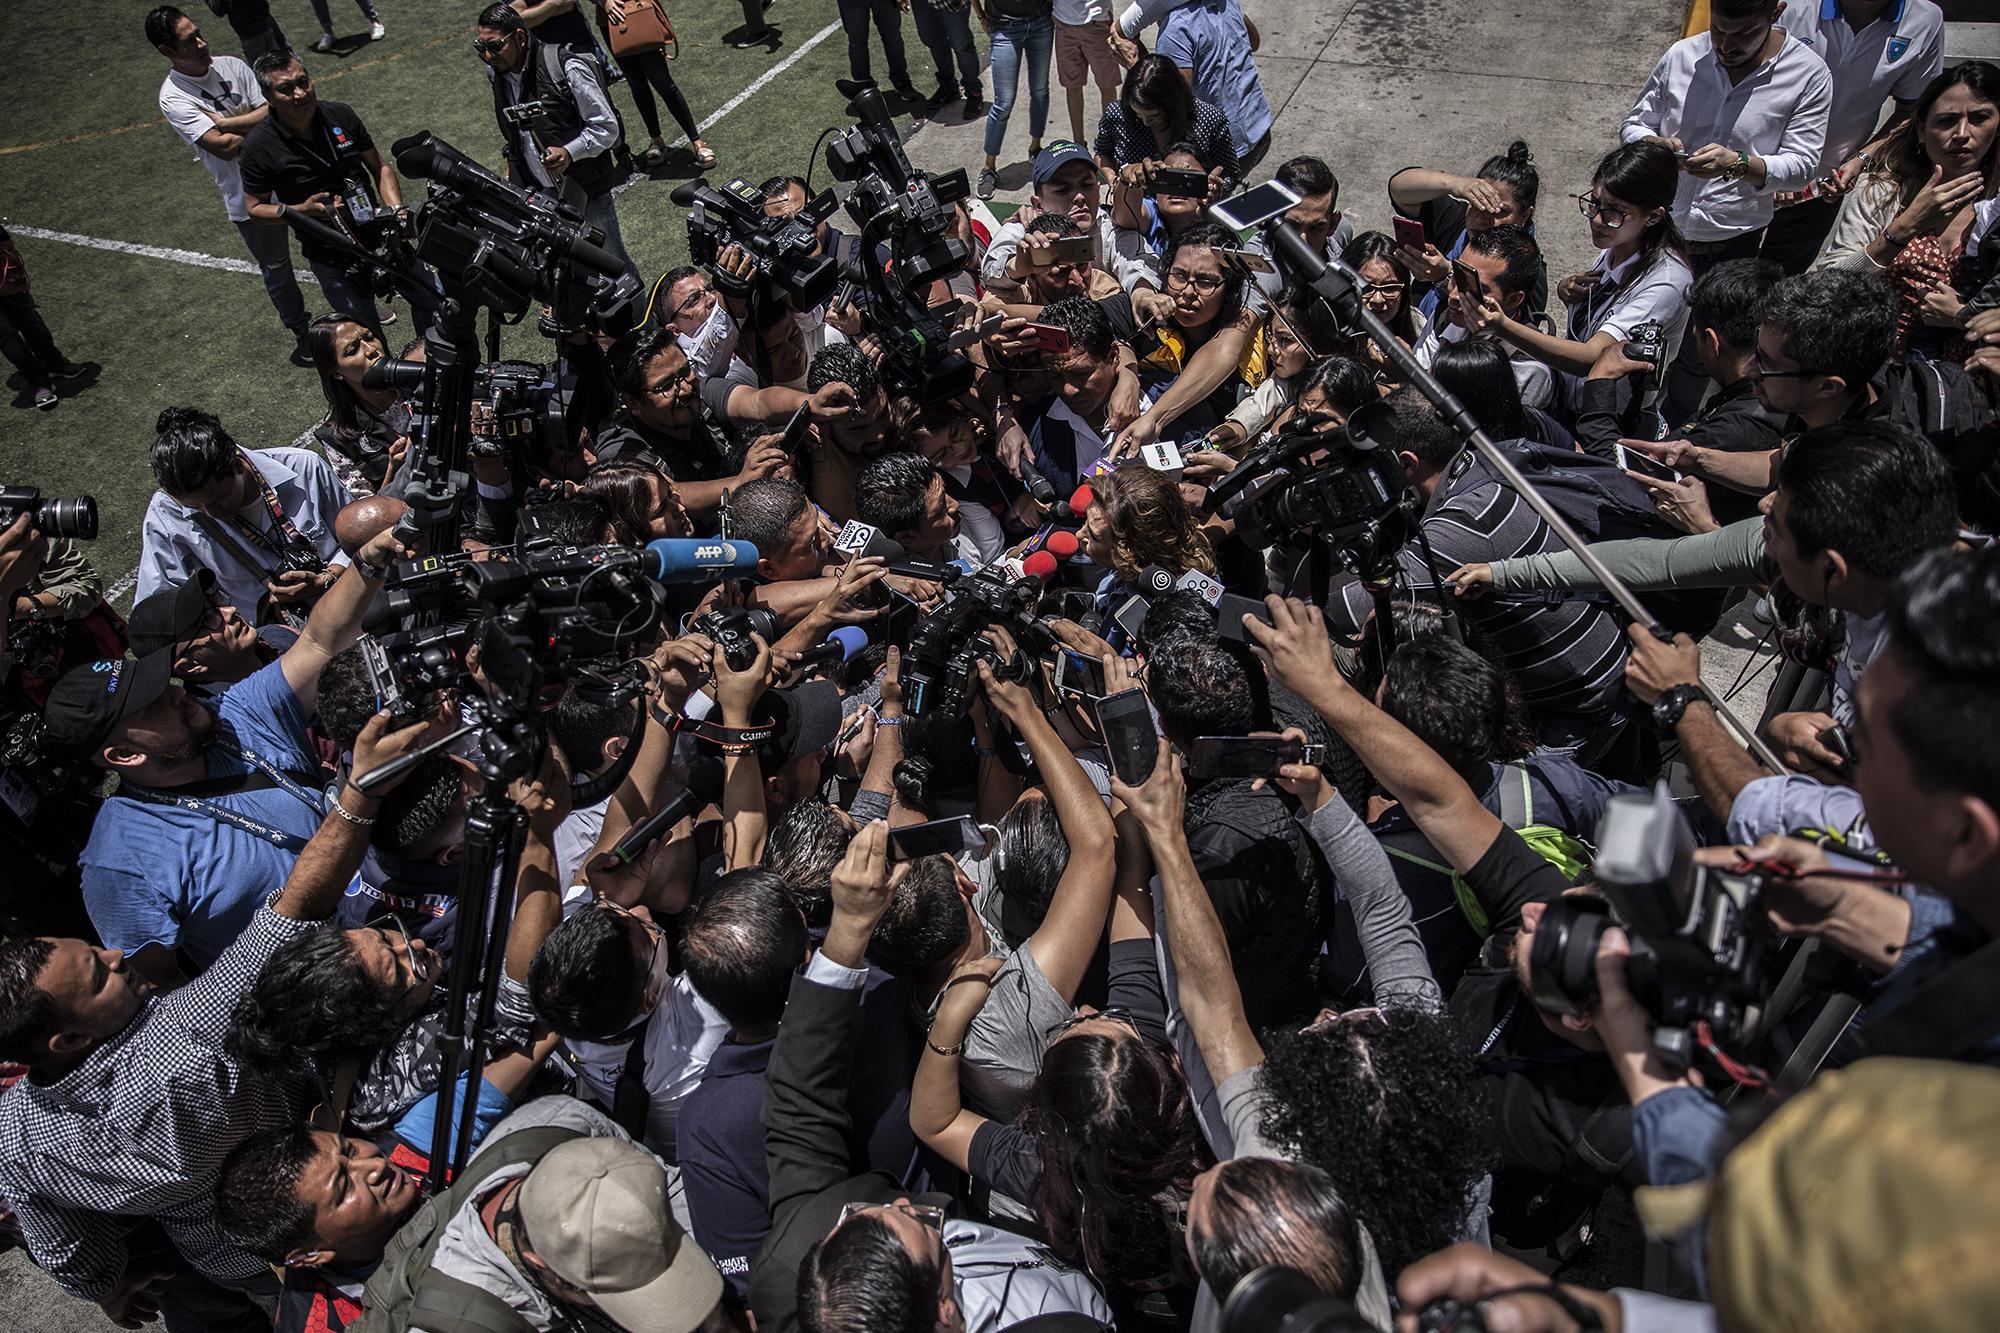 Periodistas se abalanzan sobre Sandra Torres, candidata presidencial de Guatemala, a la salida del centro de votación colegio Valle Verde en la ciudad de Guatemala. Torres perdió la elección. Mostró hostilidad hacia algunos medios de prensa durante la campaña. Pidió a un juez que ordenara a El Periódico que se abstuviera de publicar cualquier contenido relacionado a ella. El juez ordenó la censura pero la acción luego fue revocada. Carlos Barrera/El Faro